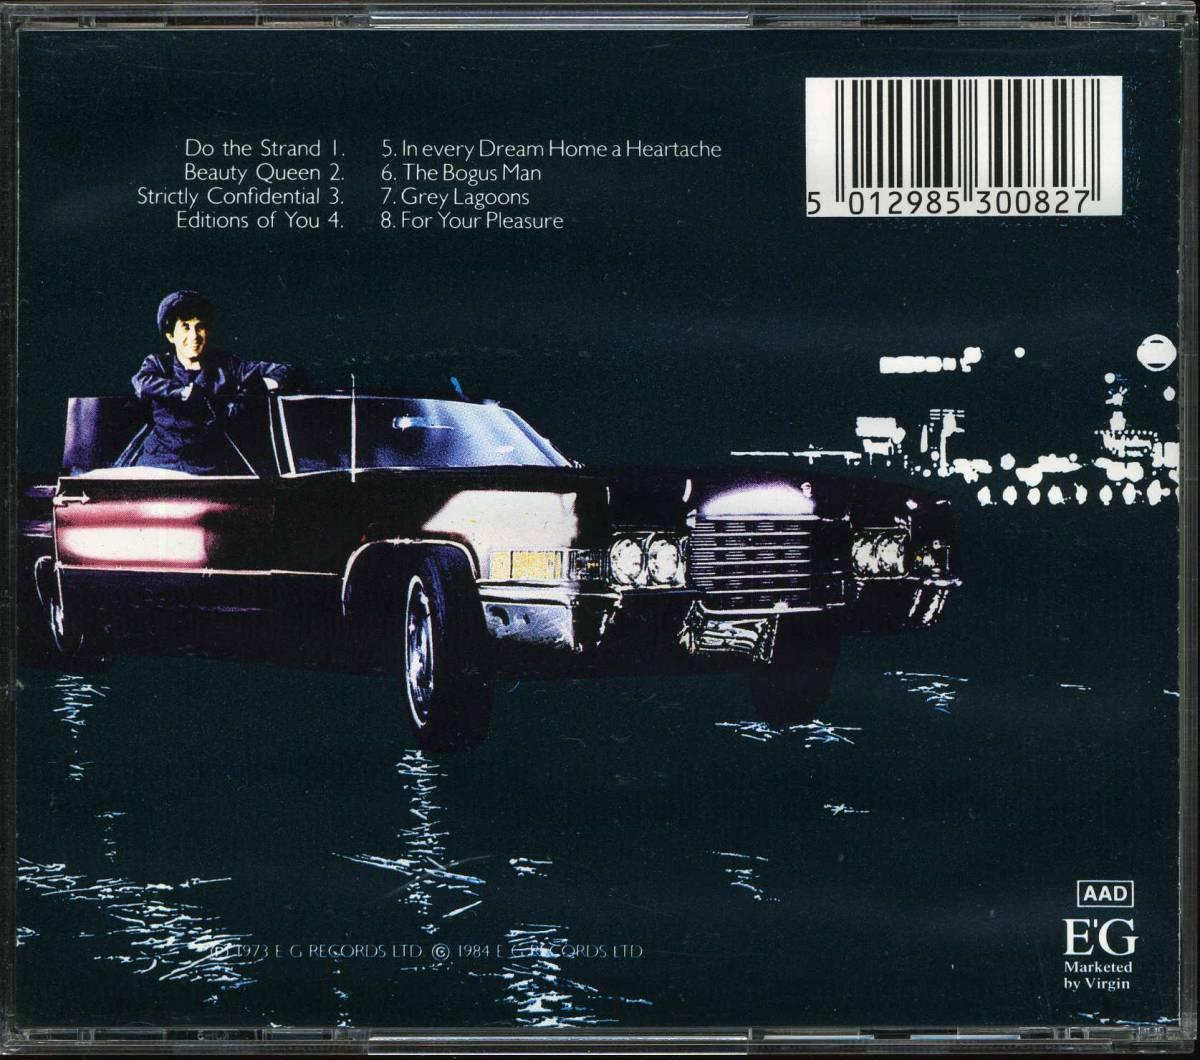 ロキシー・ミュージック Roxy Music フォー・ユア・プレジャー For Your Pleasure_画像2